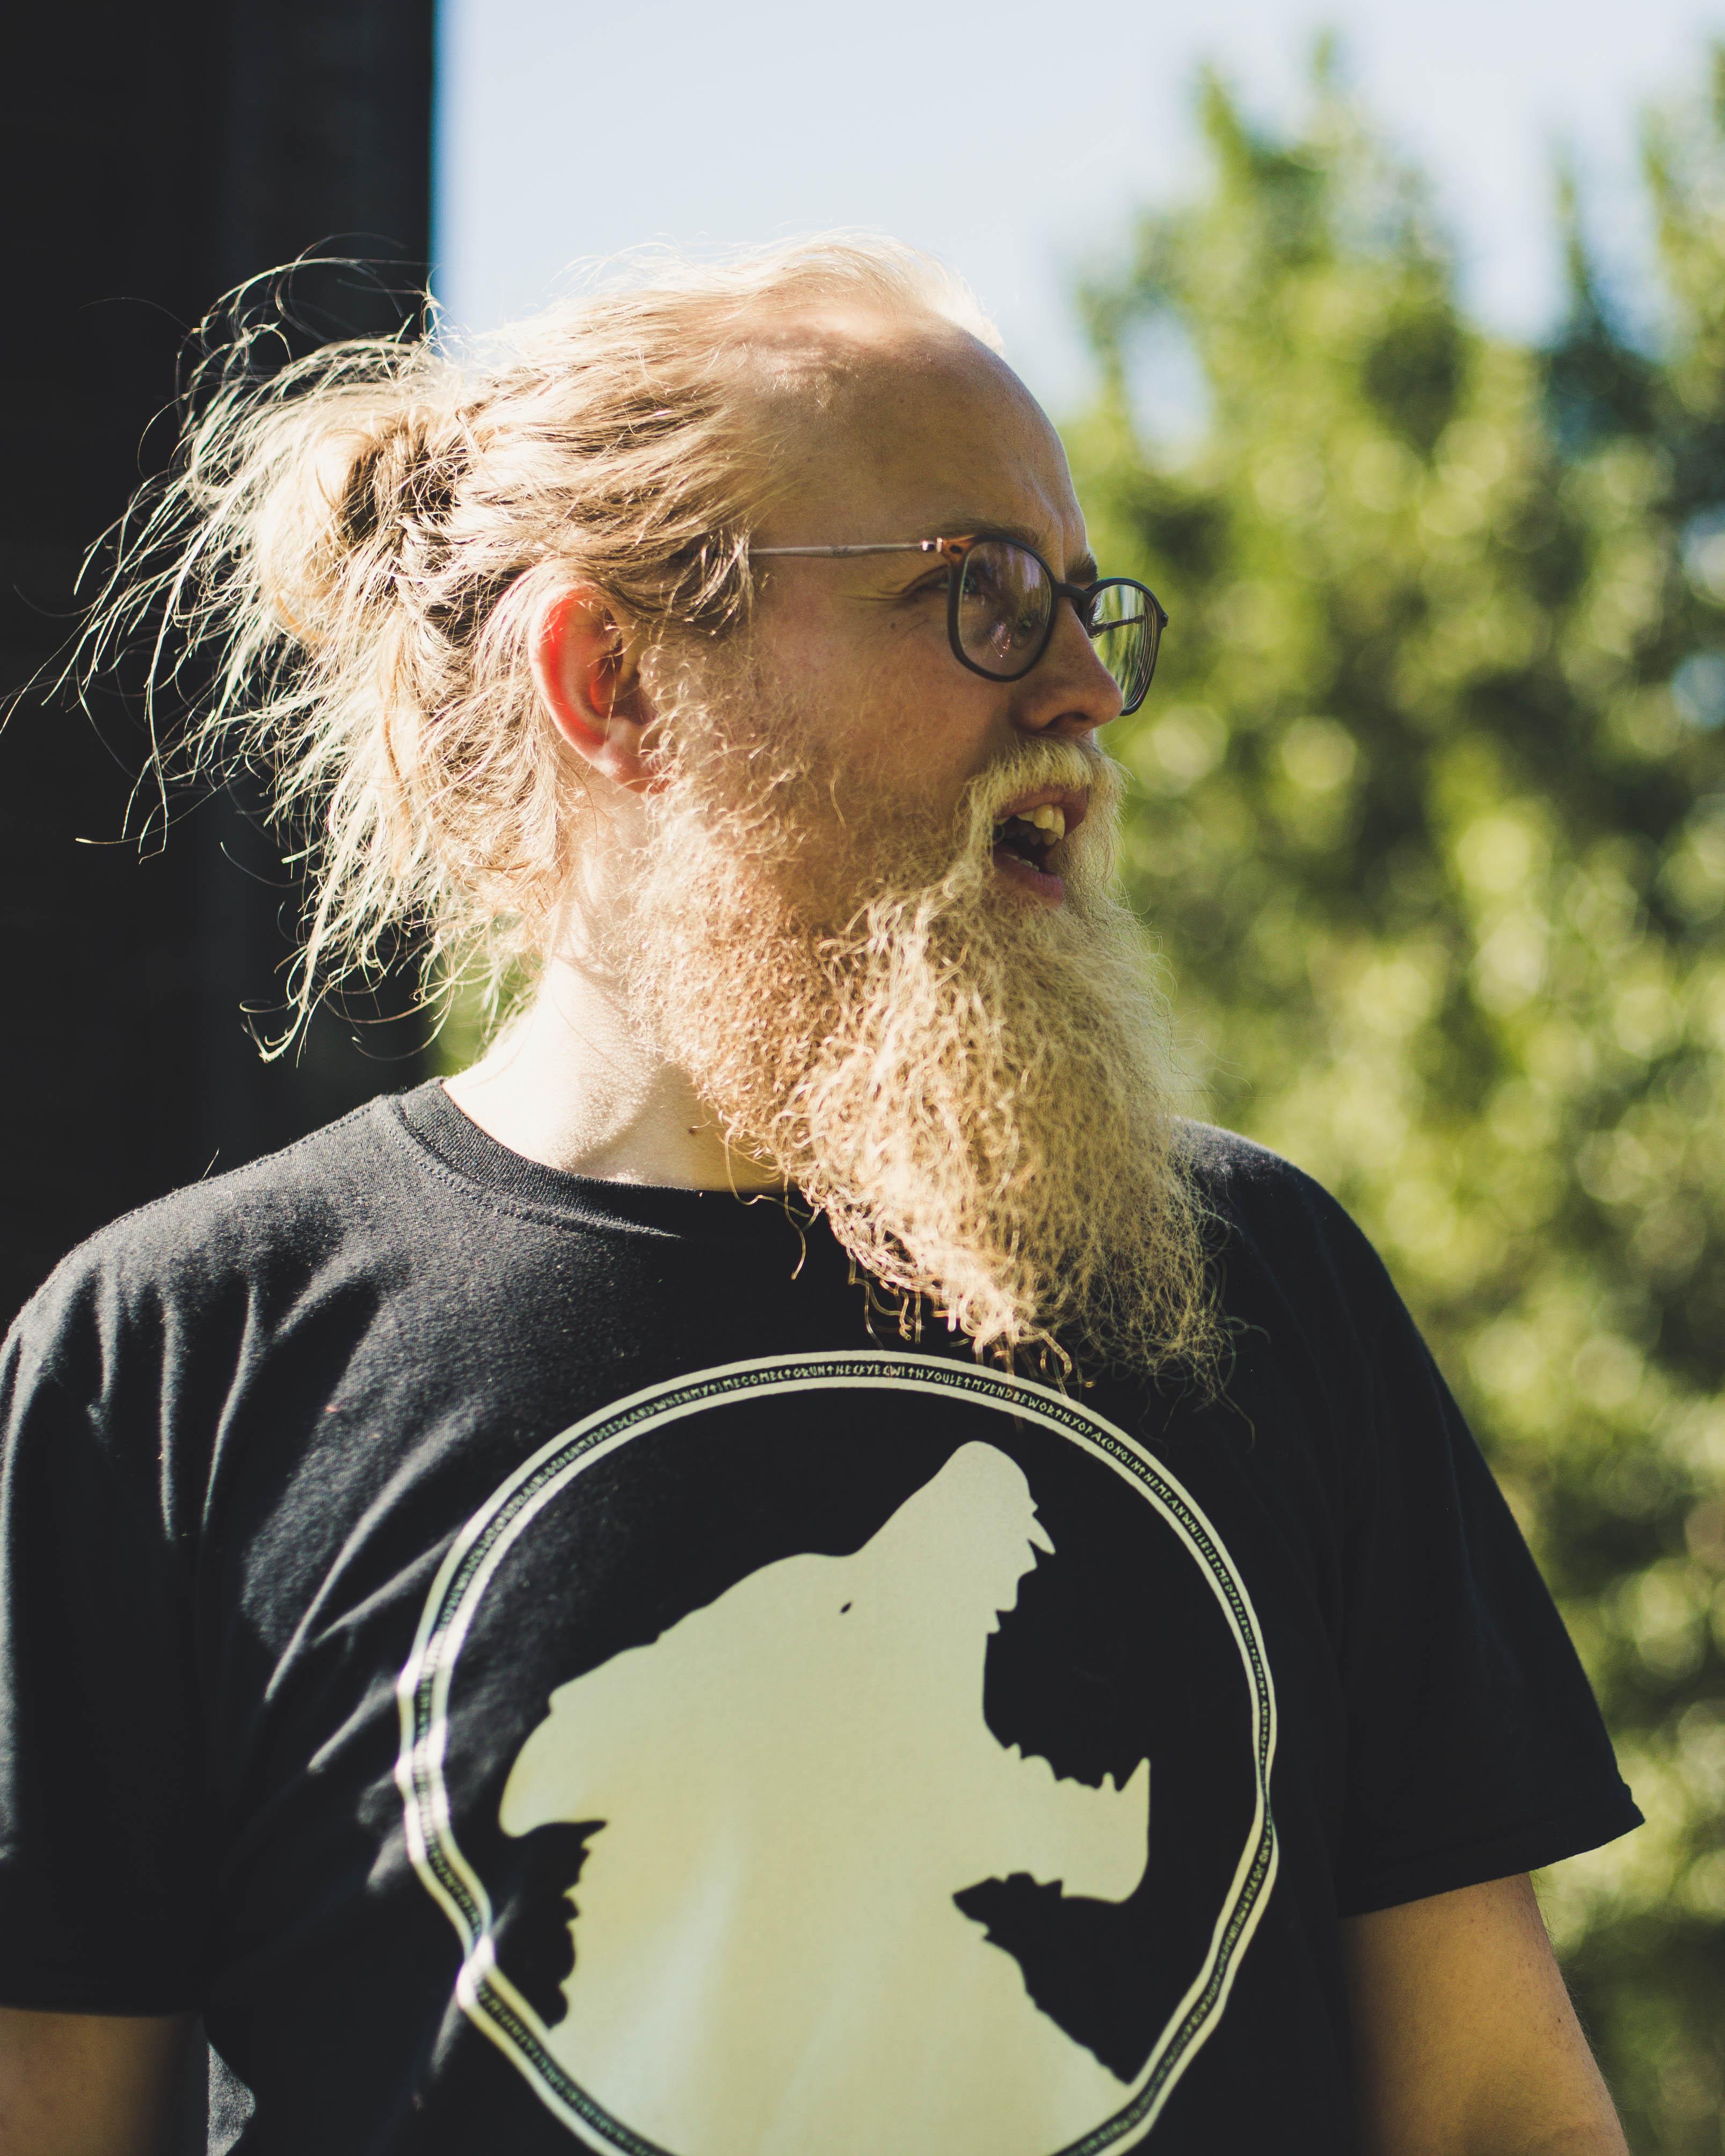 Ole Fredrik Wannebo